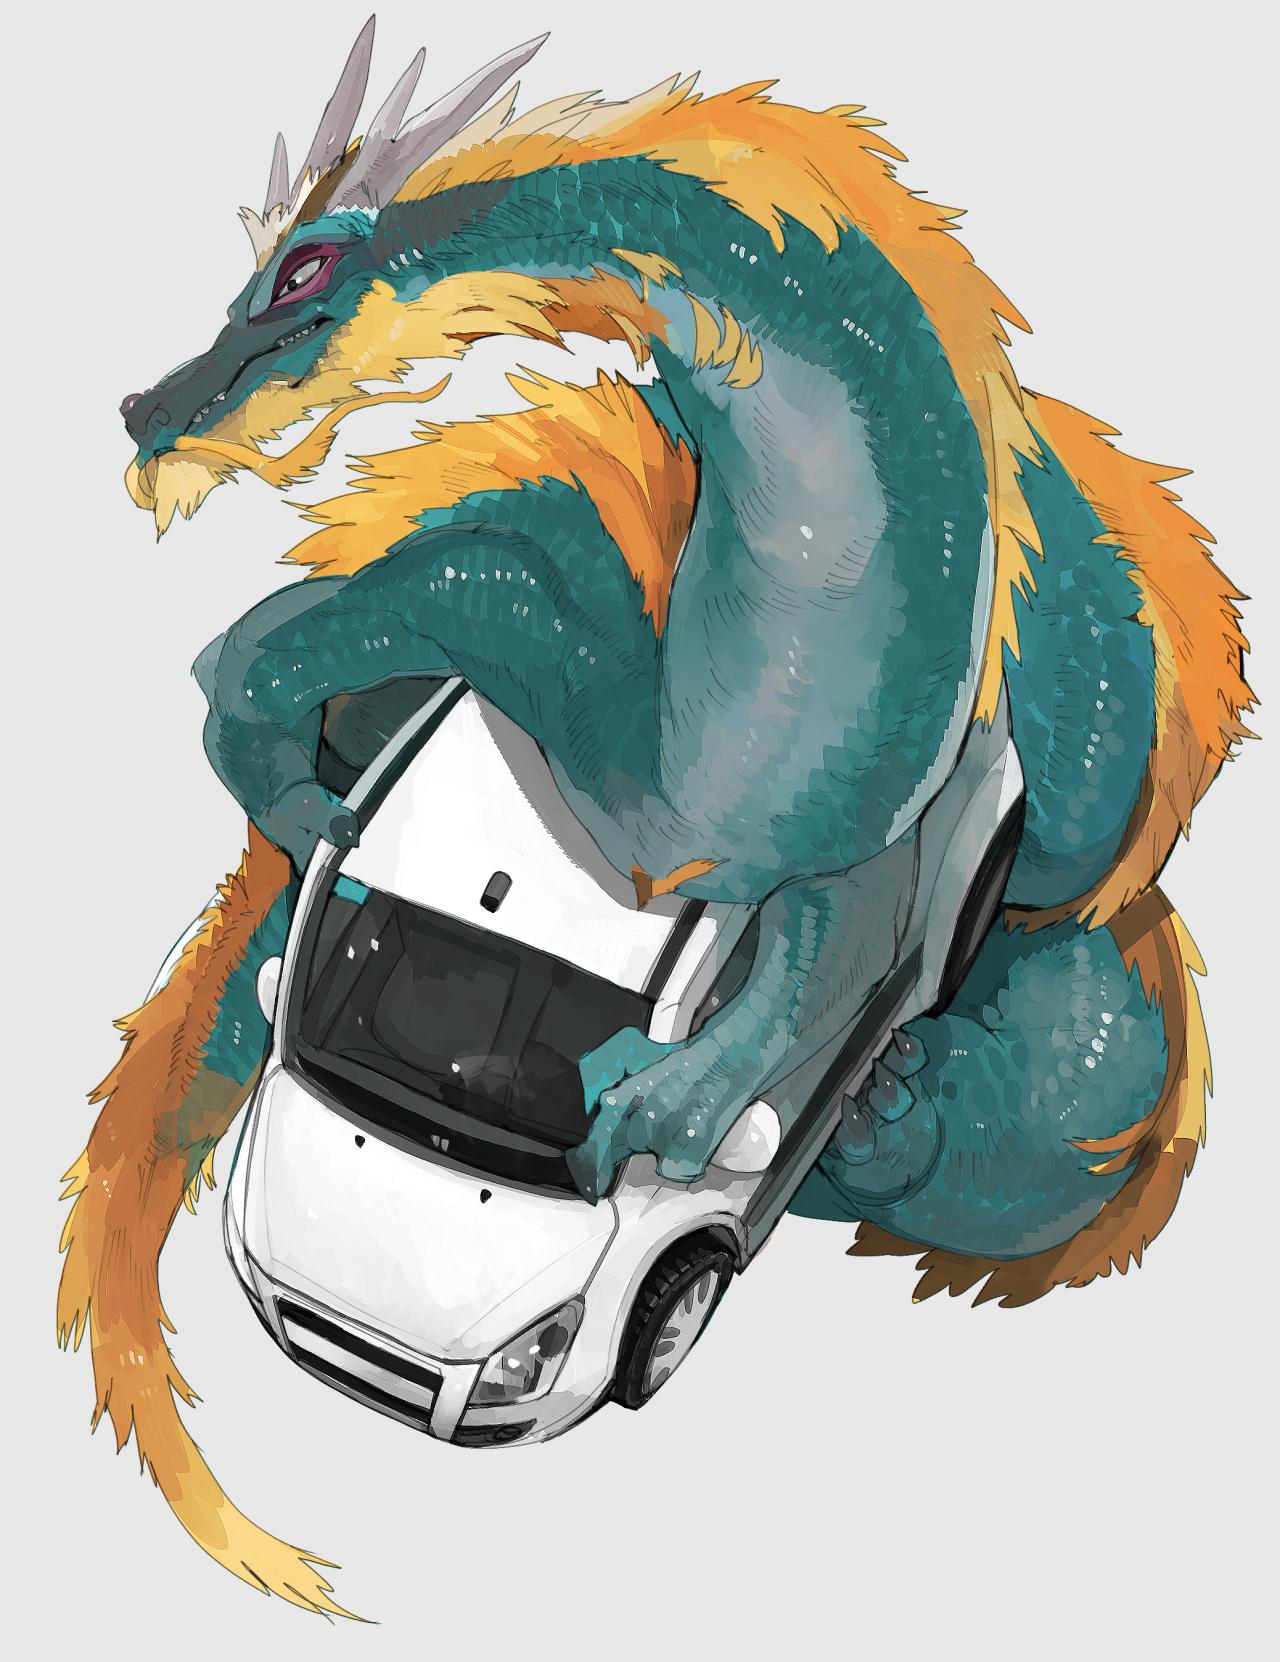 Sex dragon 18 More